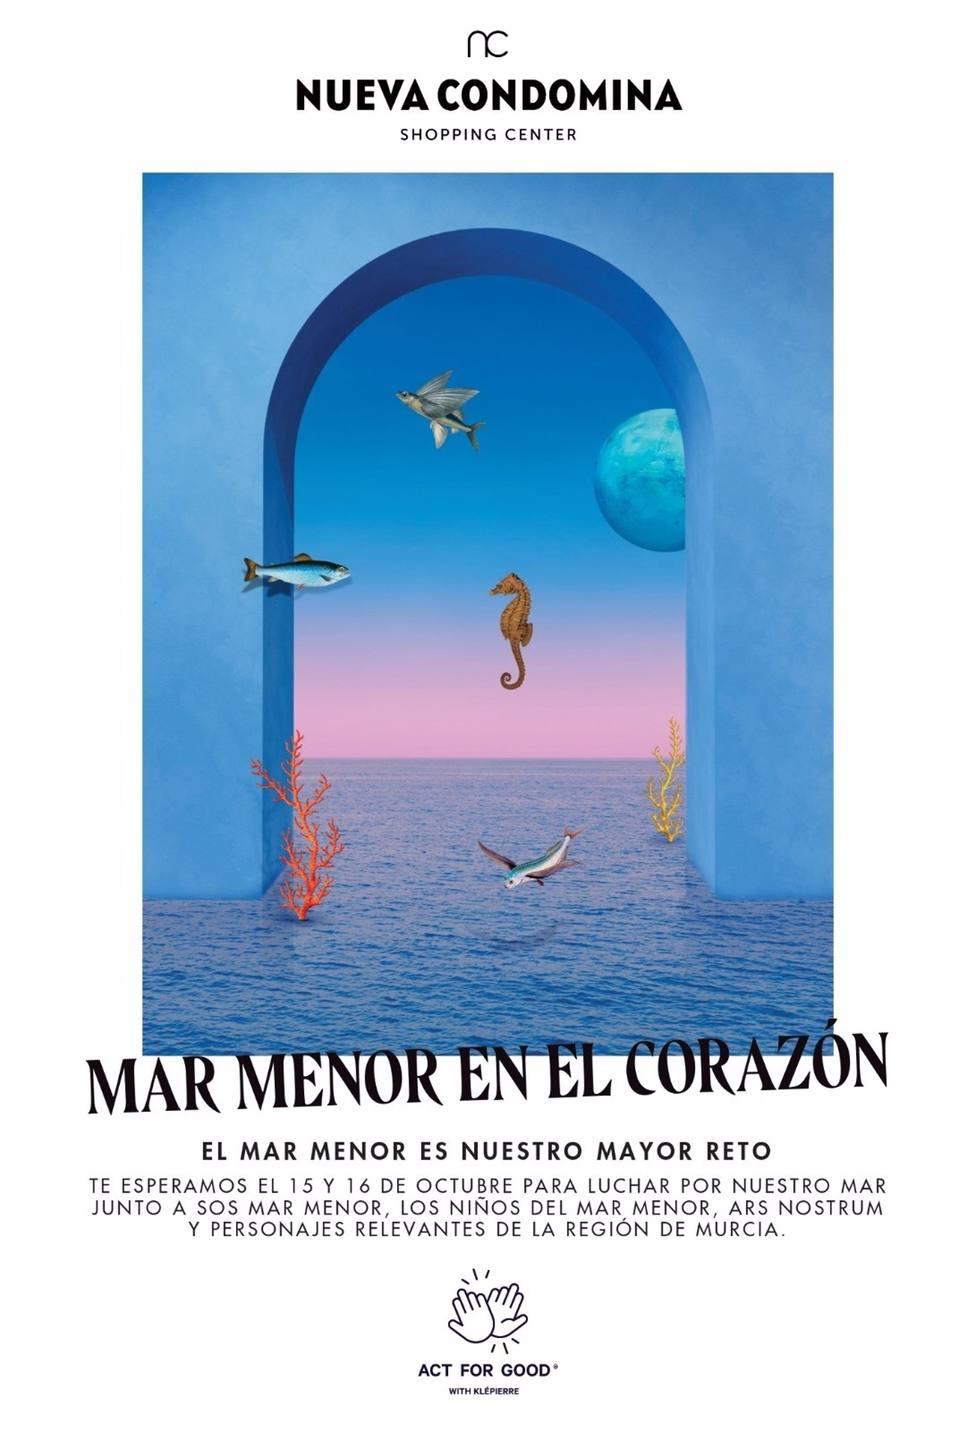 Imagen del cartel de Con el Mar Menor en el corazón